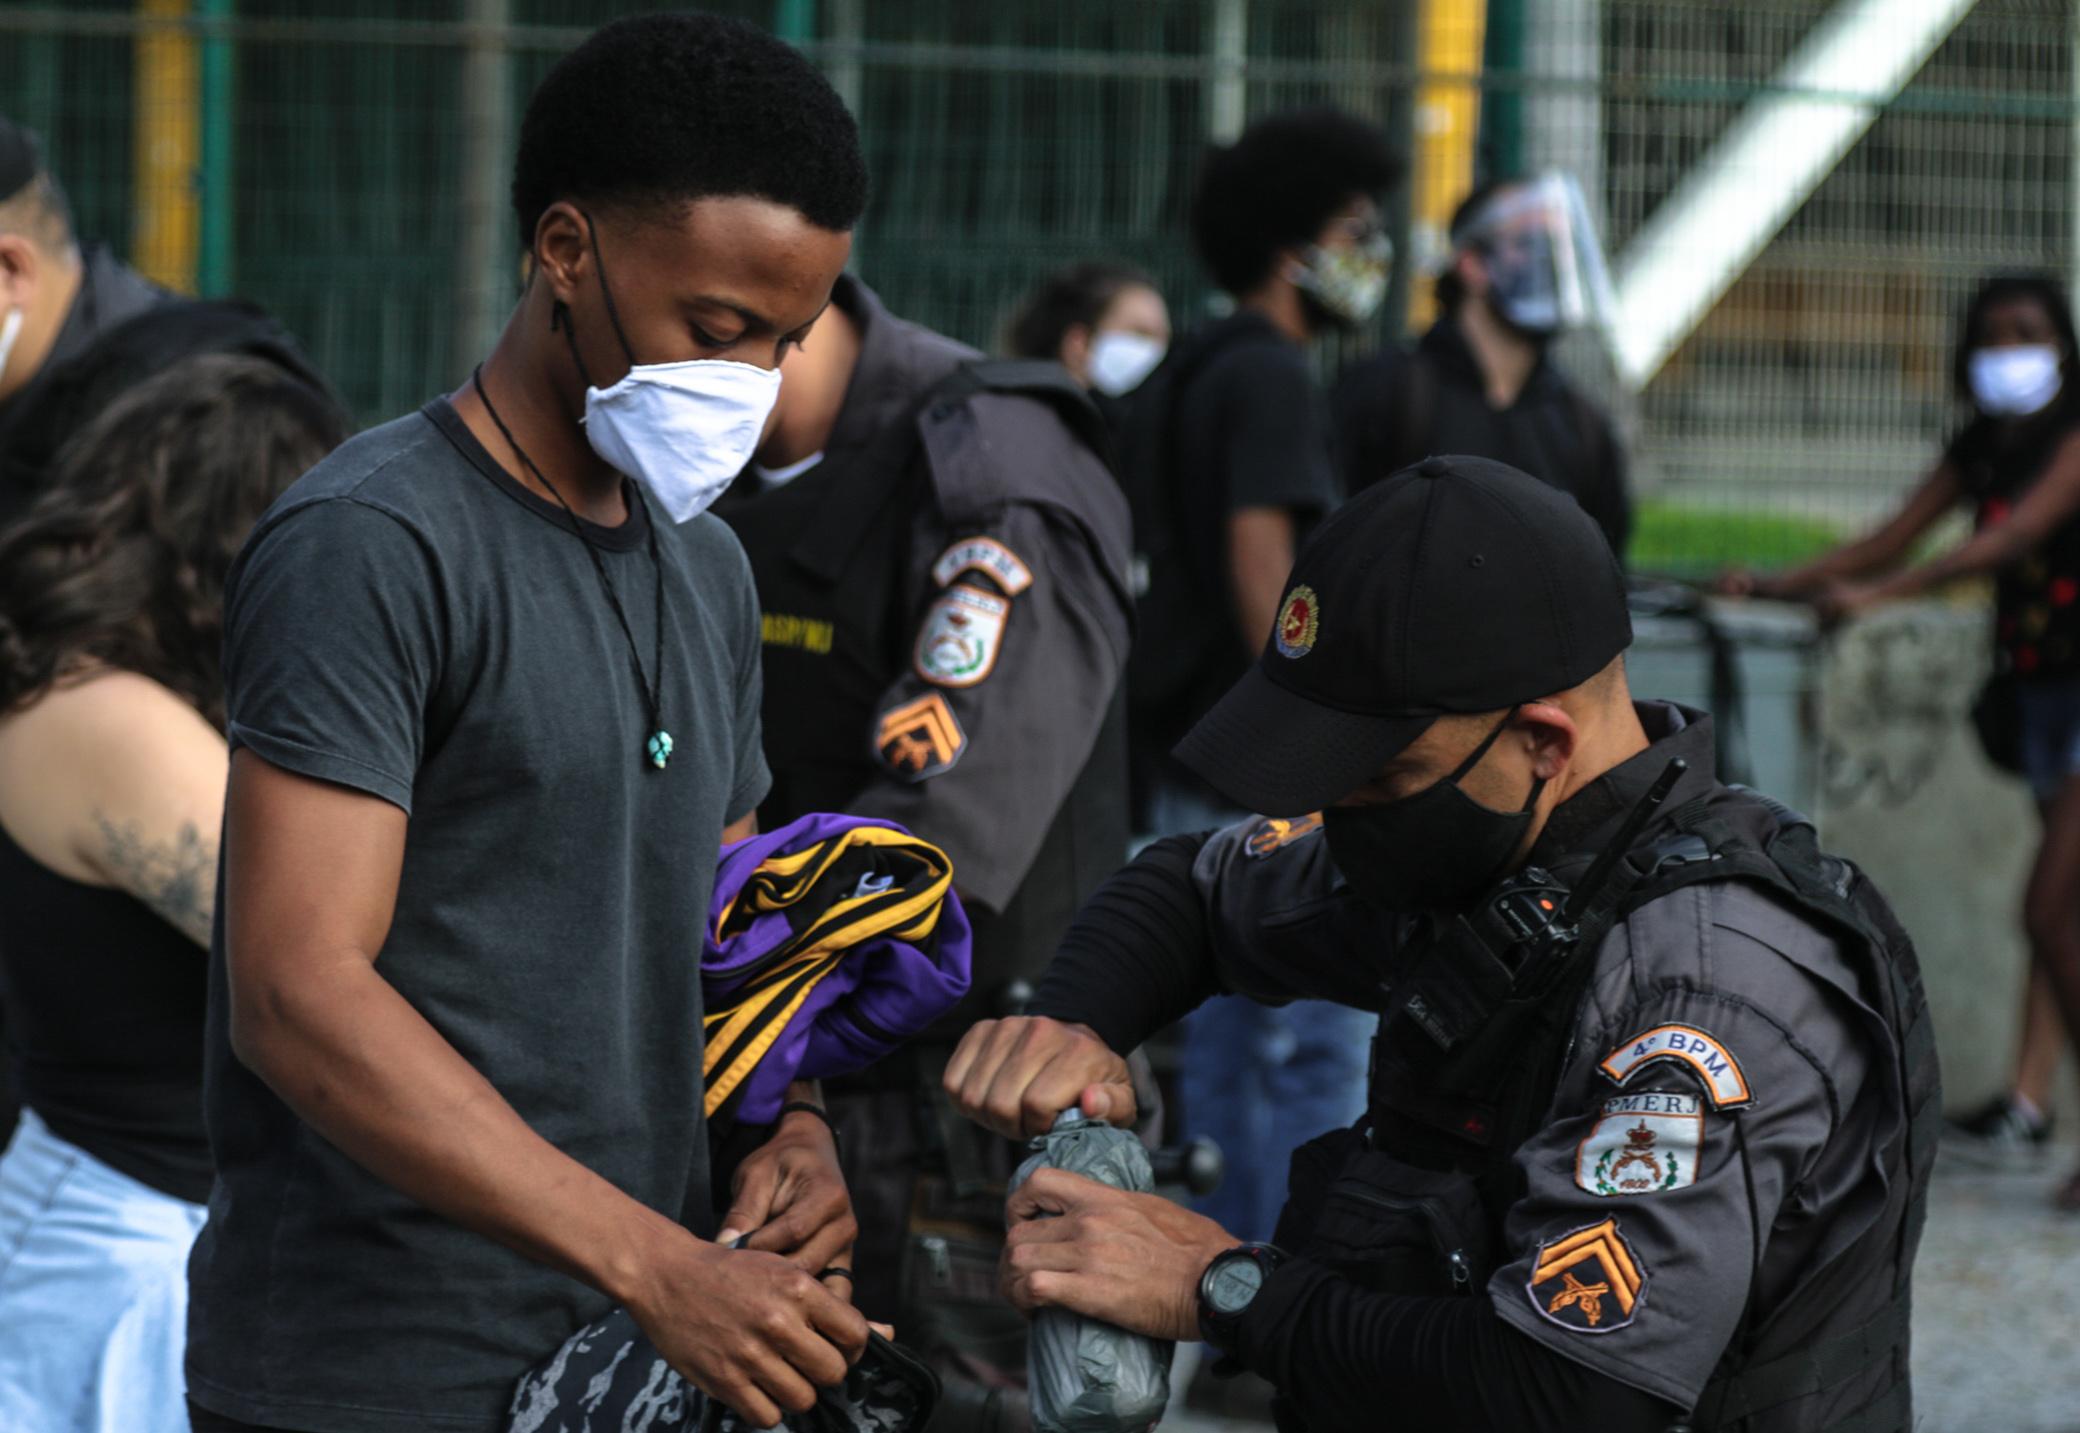 Nem mesmo em protesto contra a violência policial, manifestantes escaparam da 'dura' de PMs.